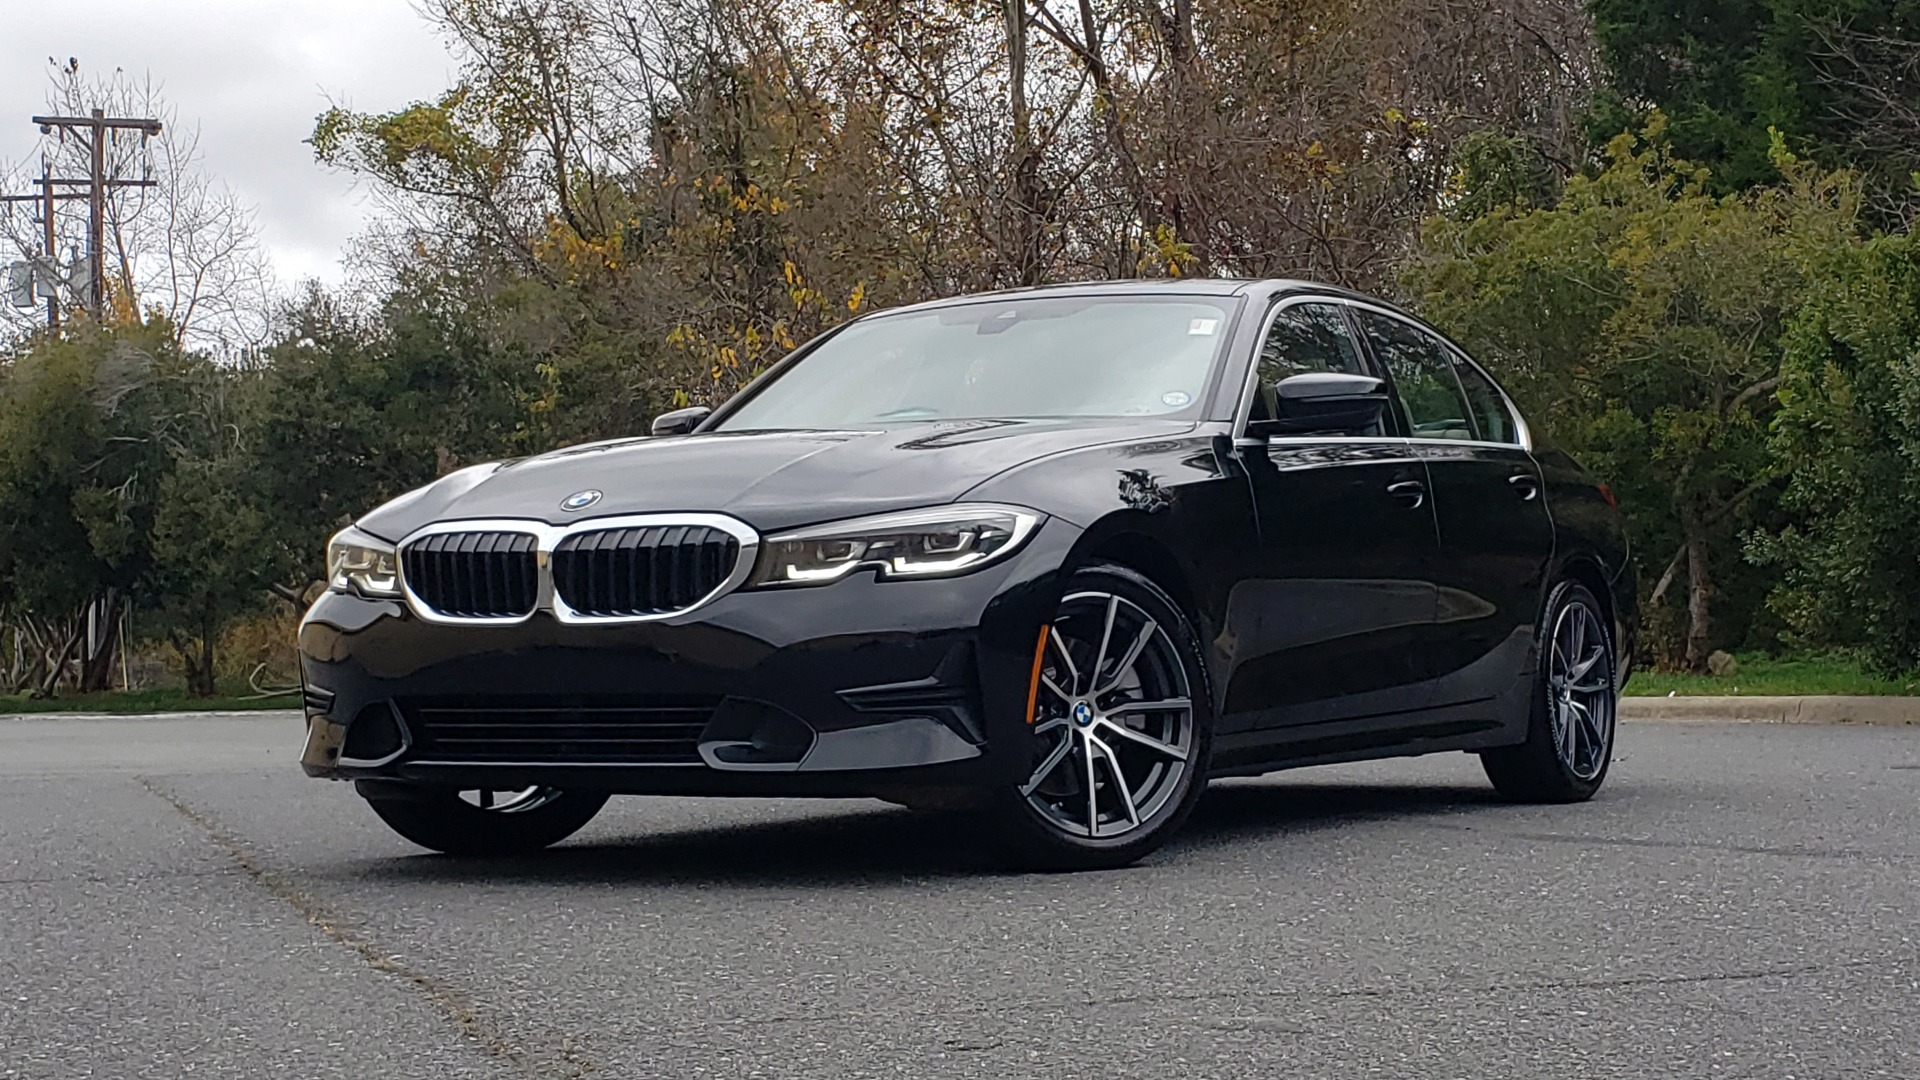 Used 2019 BMW 3 SERIES 330I PREM PKG / NAV / CONV PKG / H&K SND / LIVE COCKPIT PRO for sale Sold at Formula Imports in Charlotte NC 28227 1